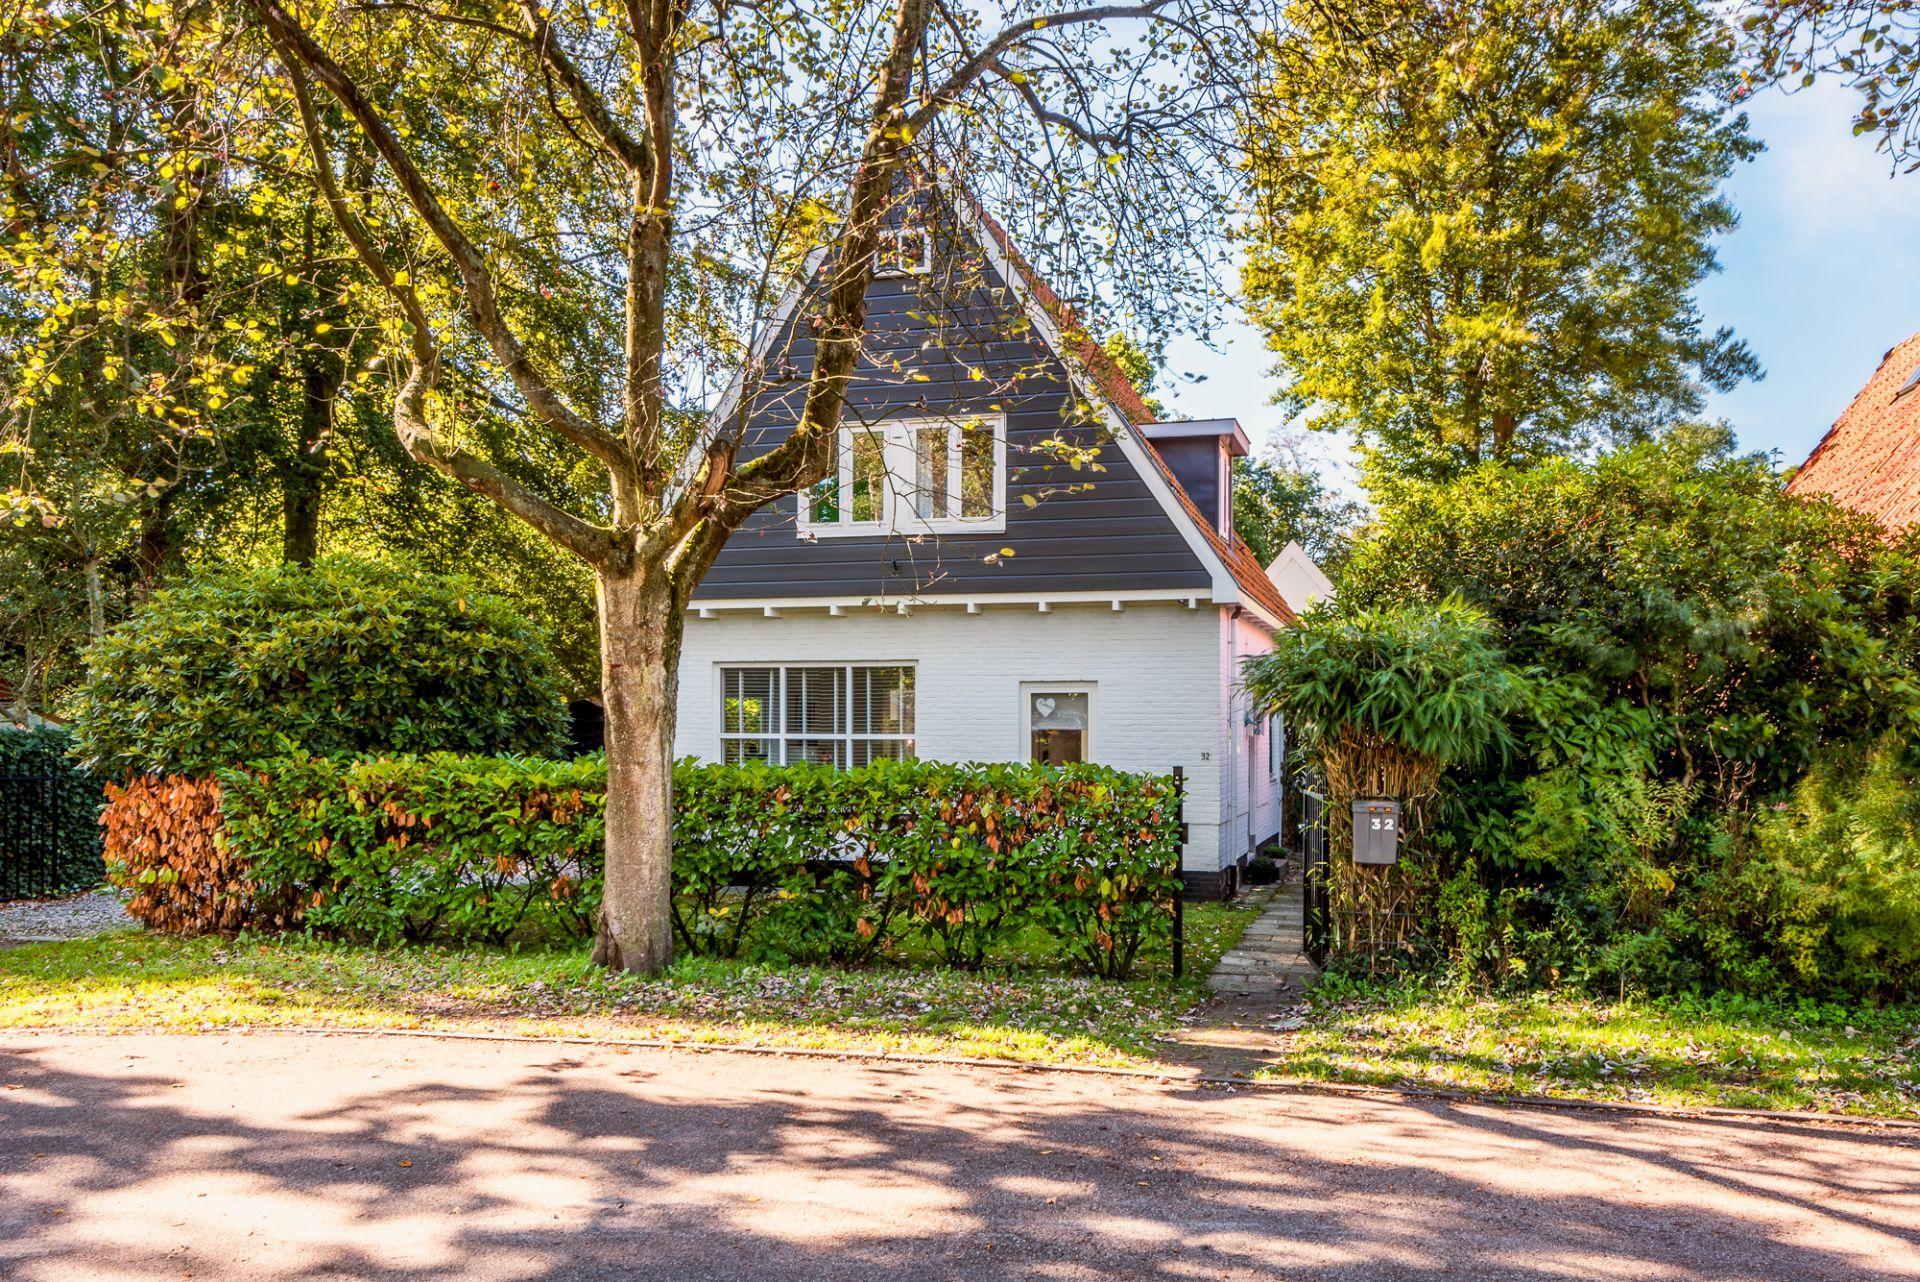 Villa Bo ligt in Bergen en het vakantiehuis biedt uitzicht op de tuin en ligt op 6 km van Alkmaar.